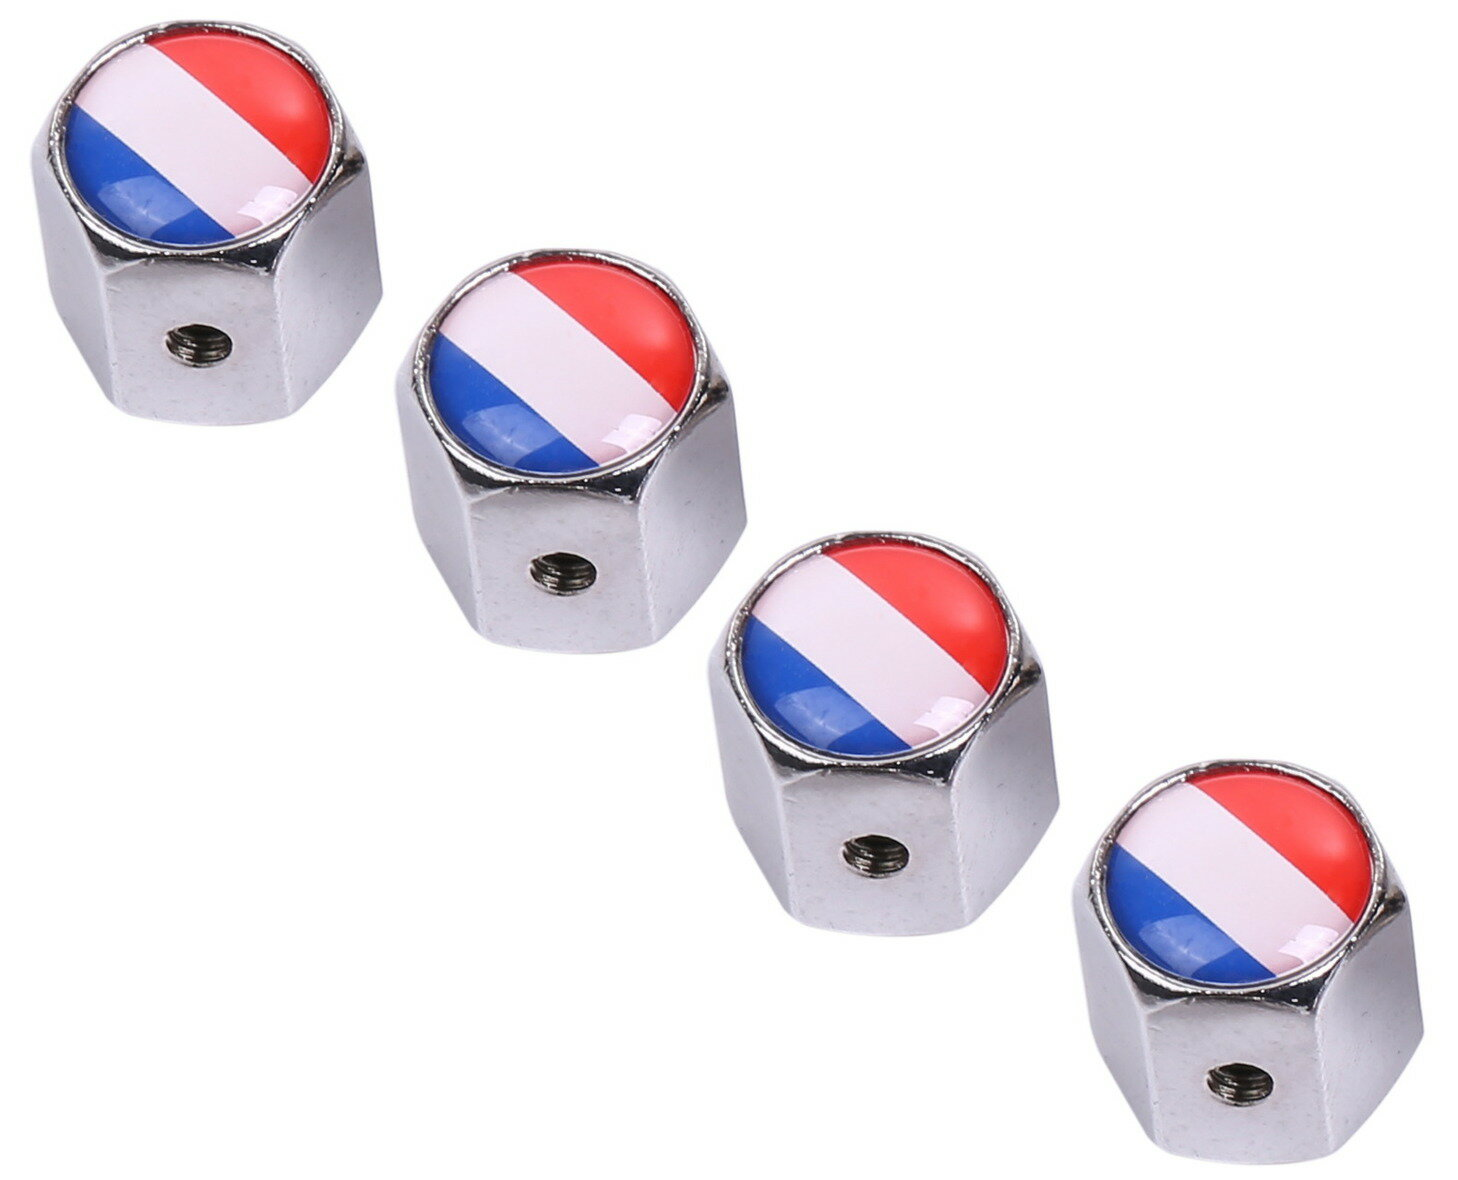 フランス国旗エアバルブキャップ金属車盗難防止タイヤエアバルブキャップ4個セット送料無料mri-a03